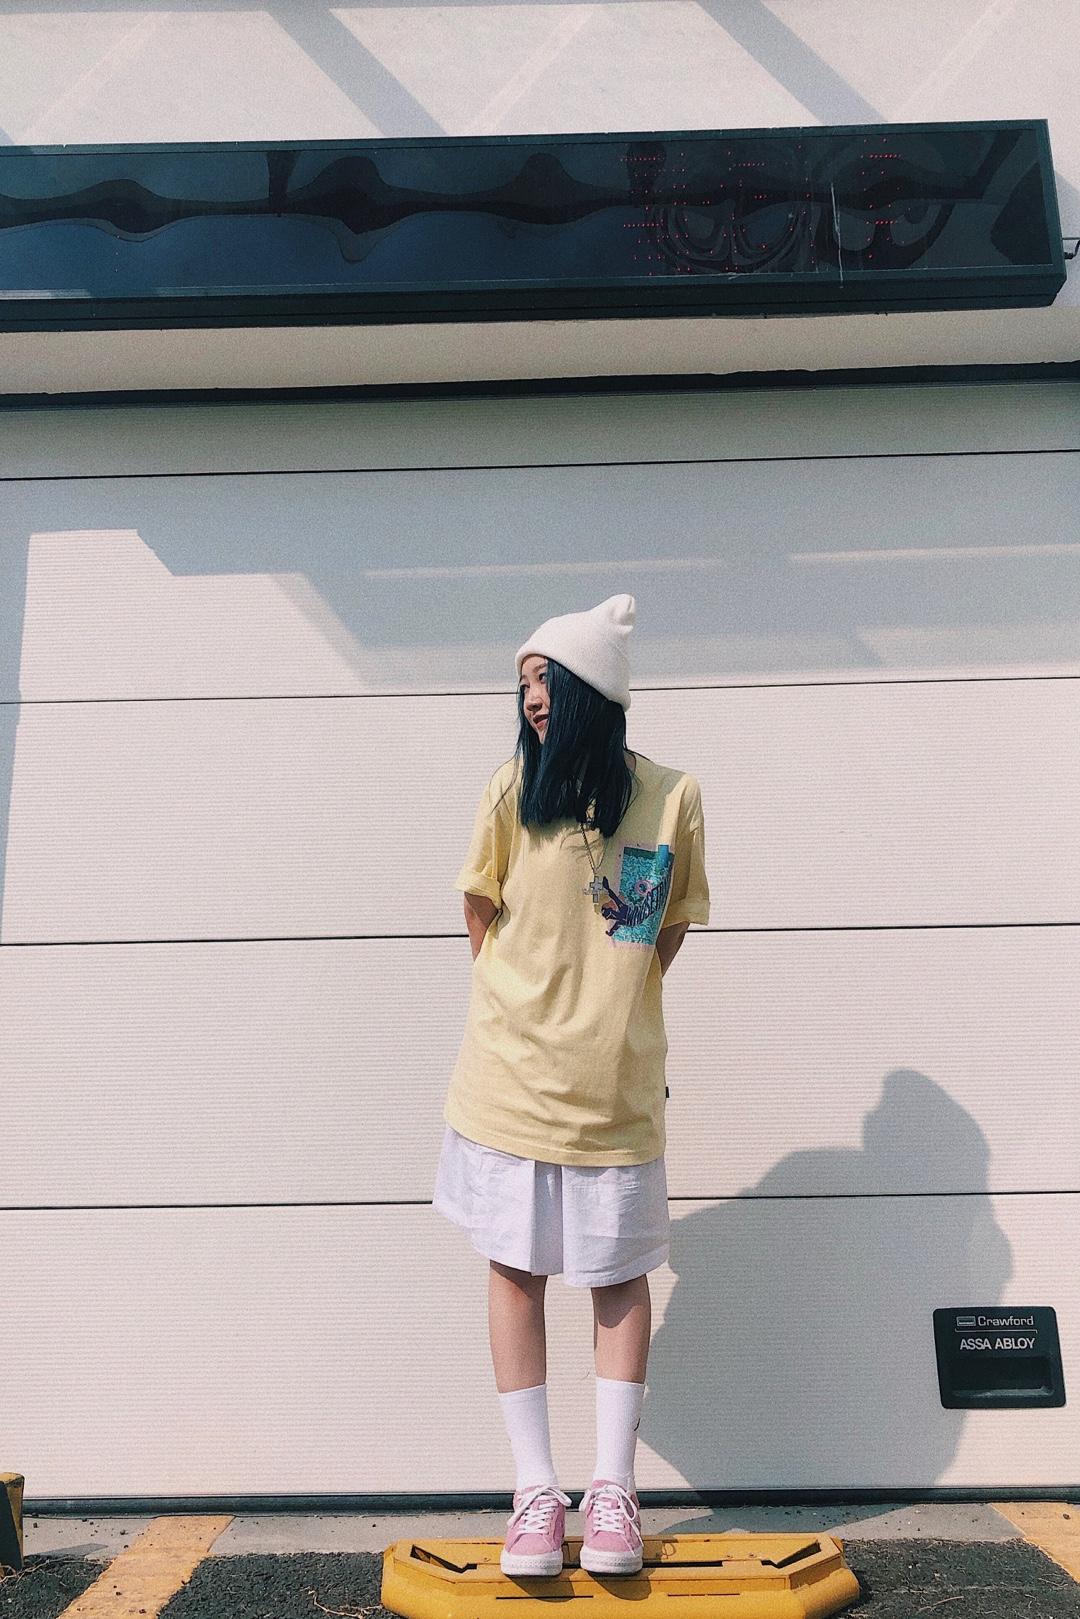 #Yona look# 变身邻家女孩的搭配 淡黄色的衣服相当显白  搭配白色的半身裙 简简单单 透露出单纯 干净的感觉 帽子和袜子同样选择白色 和裙子的颜色对应  鞋子颜色也没有那么艳丽 也没有那么普通 整体搭配给人很干净的感觉 这条裙子也是我比较喜欢的单品之一 性价比很高~ 单品信息: 上衣:Whosetrap 裙子:Chocoolate 袜子:Jordan 鞋子:Converse